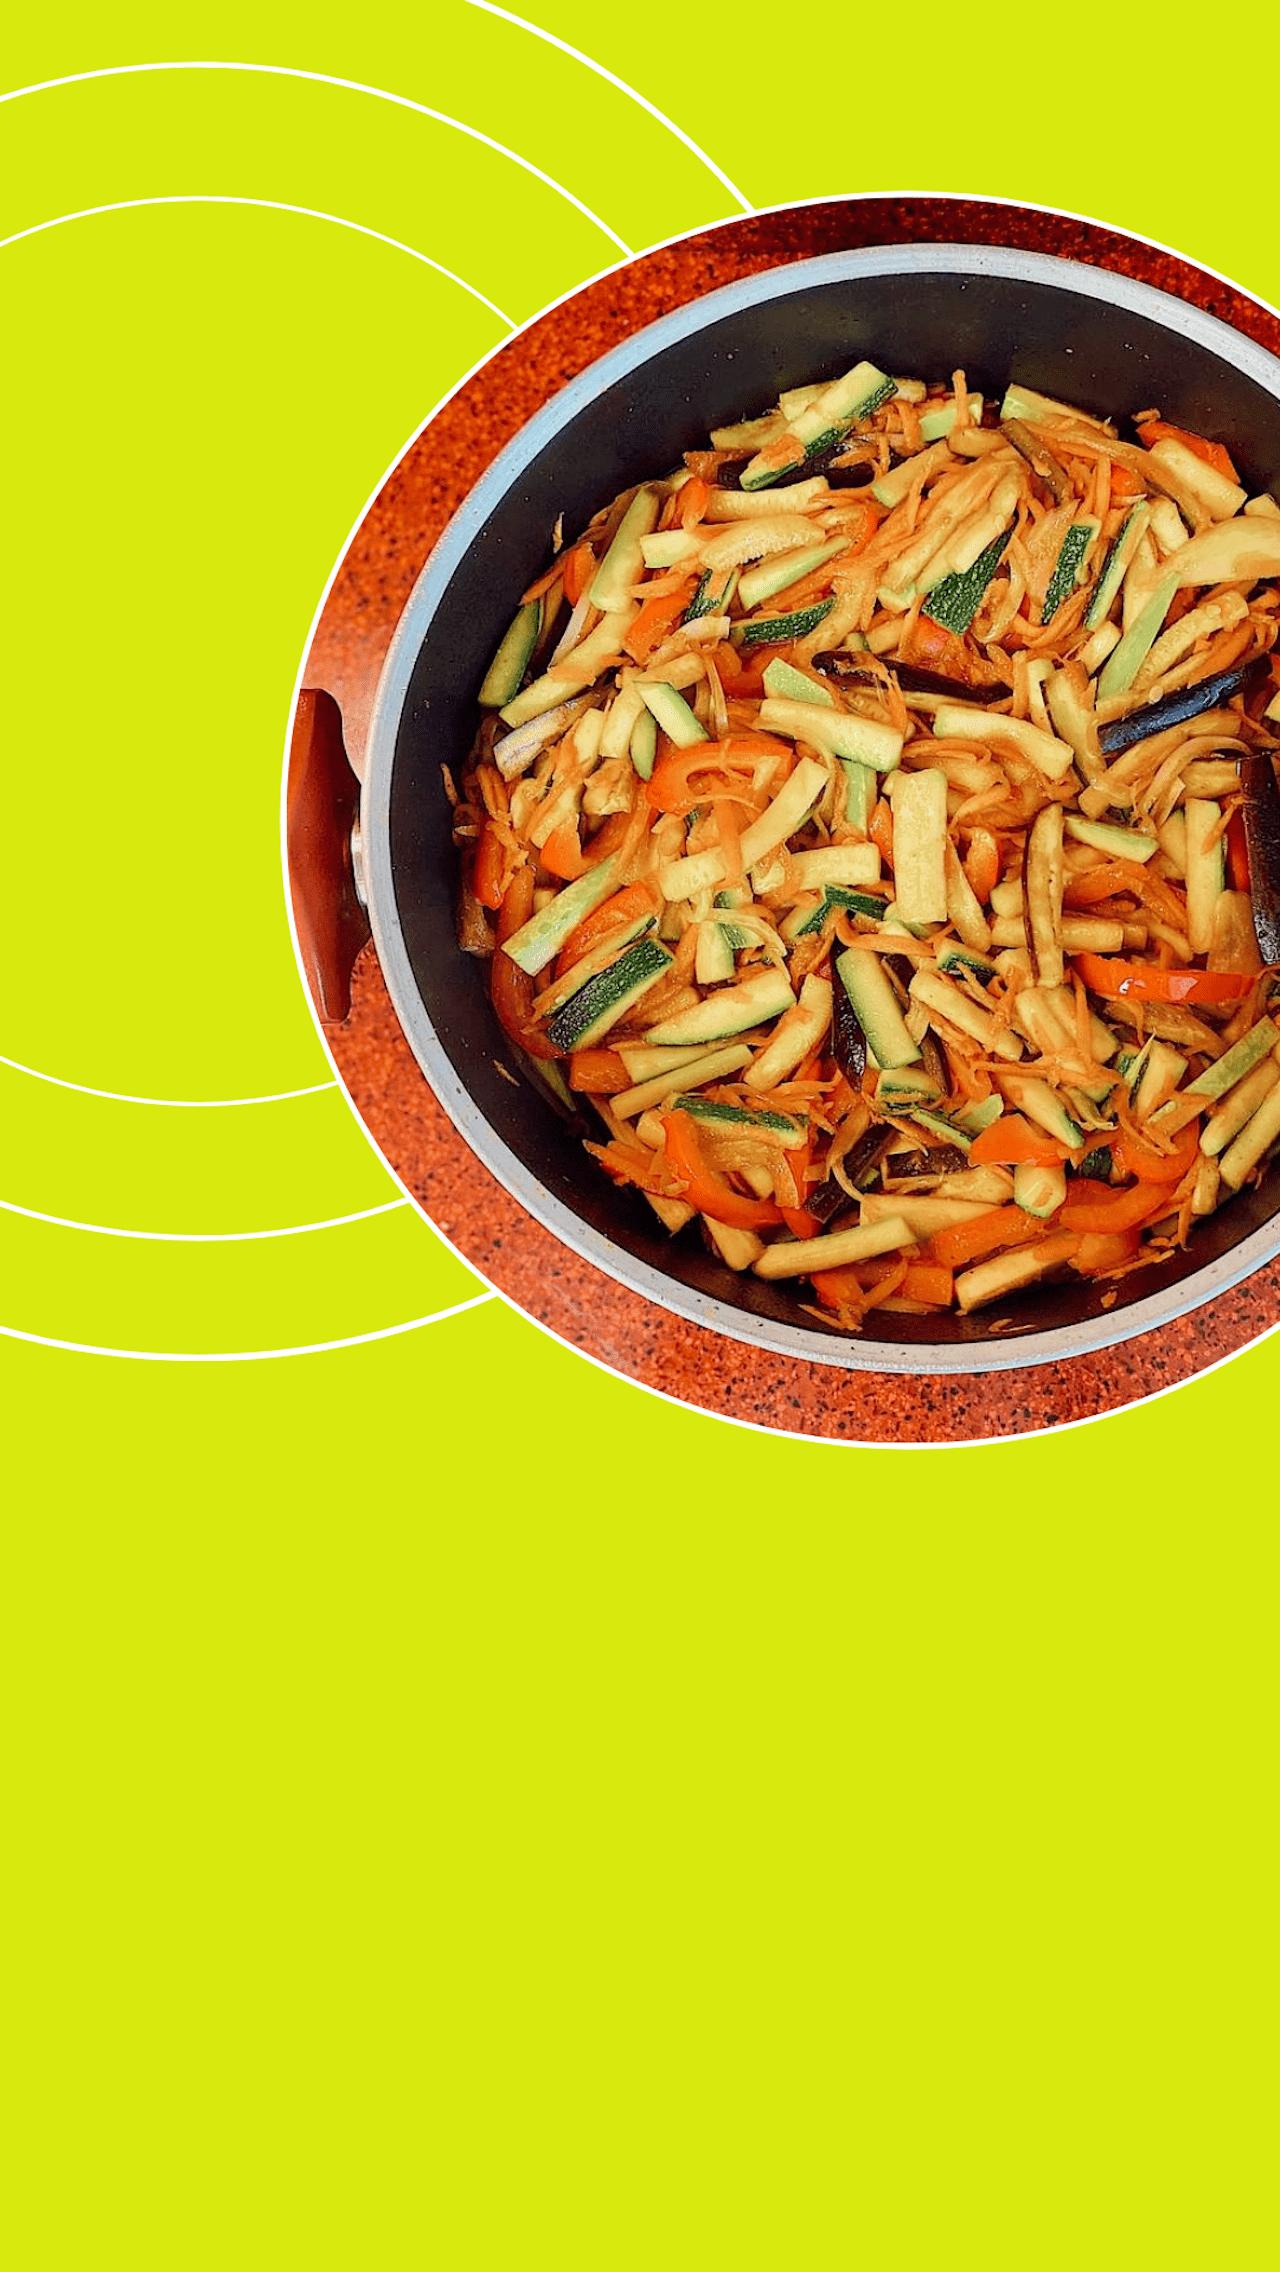 На капле оливкового масла потушить все овощи примерно 7-10 минут на сильном огне.